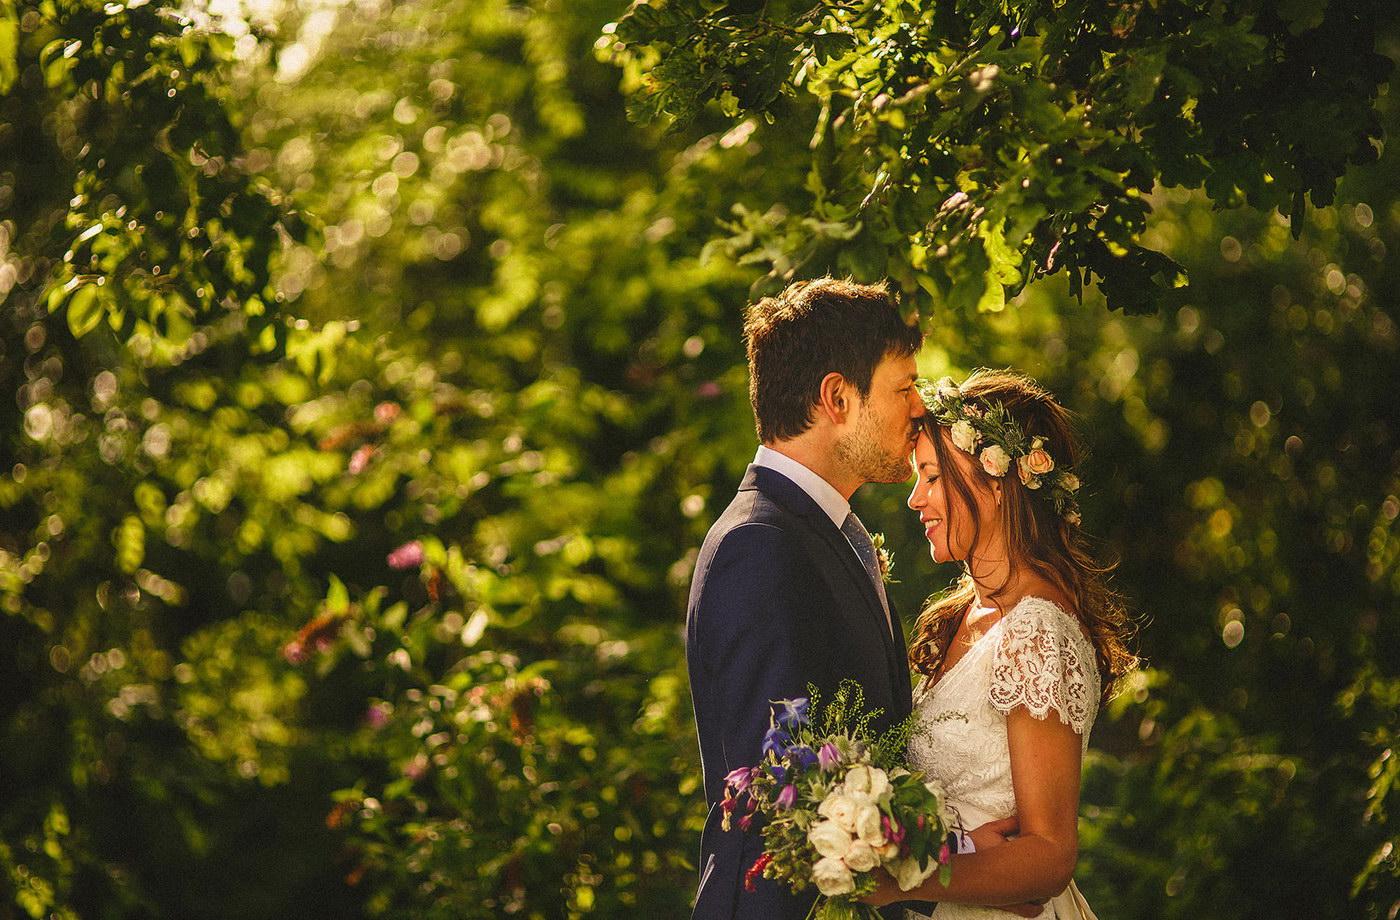 Mituri referitoare la organizarea nuntii